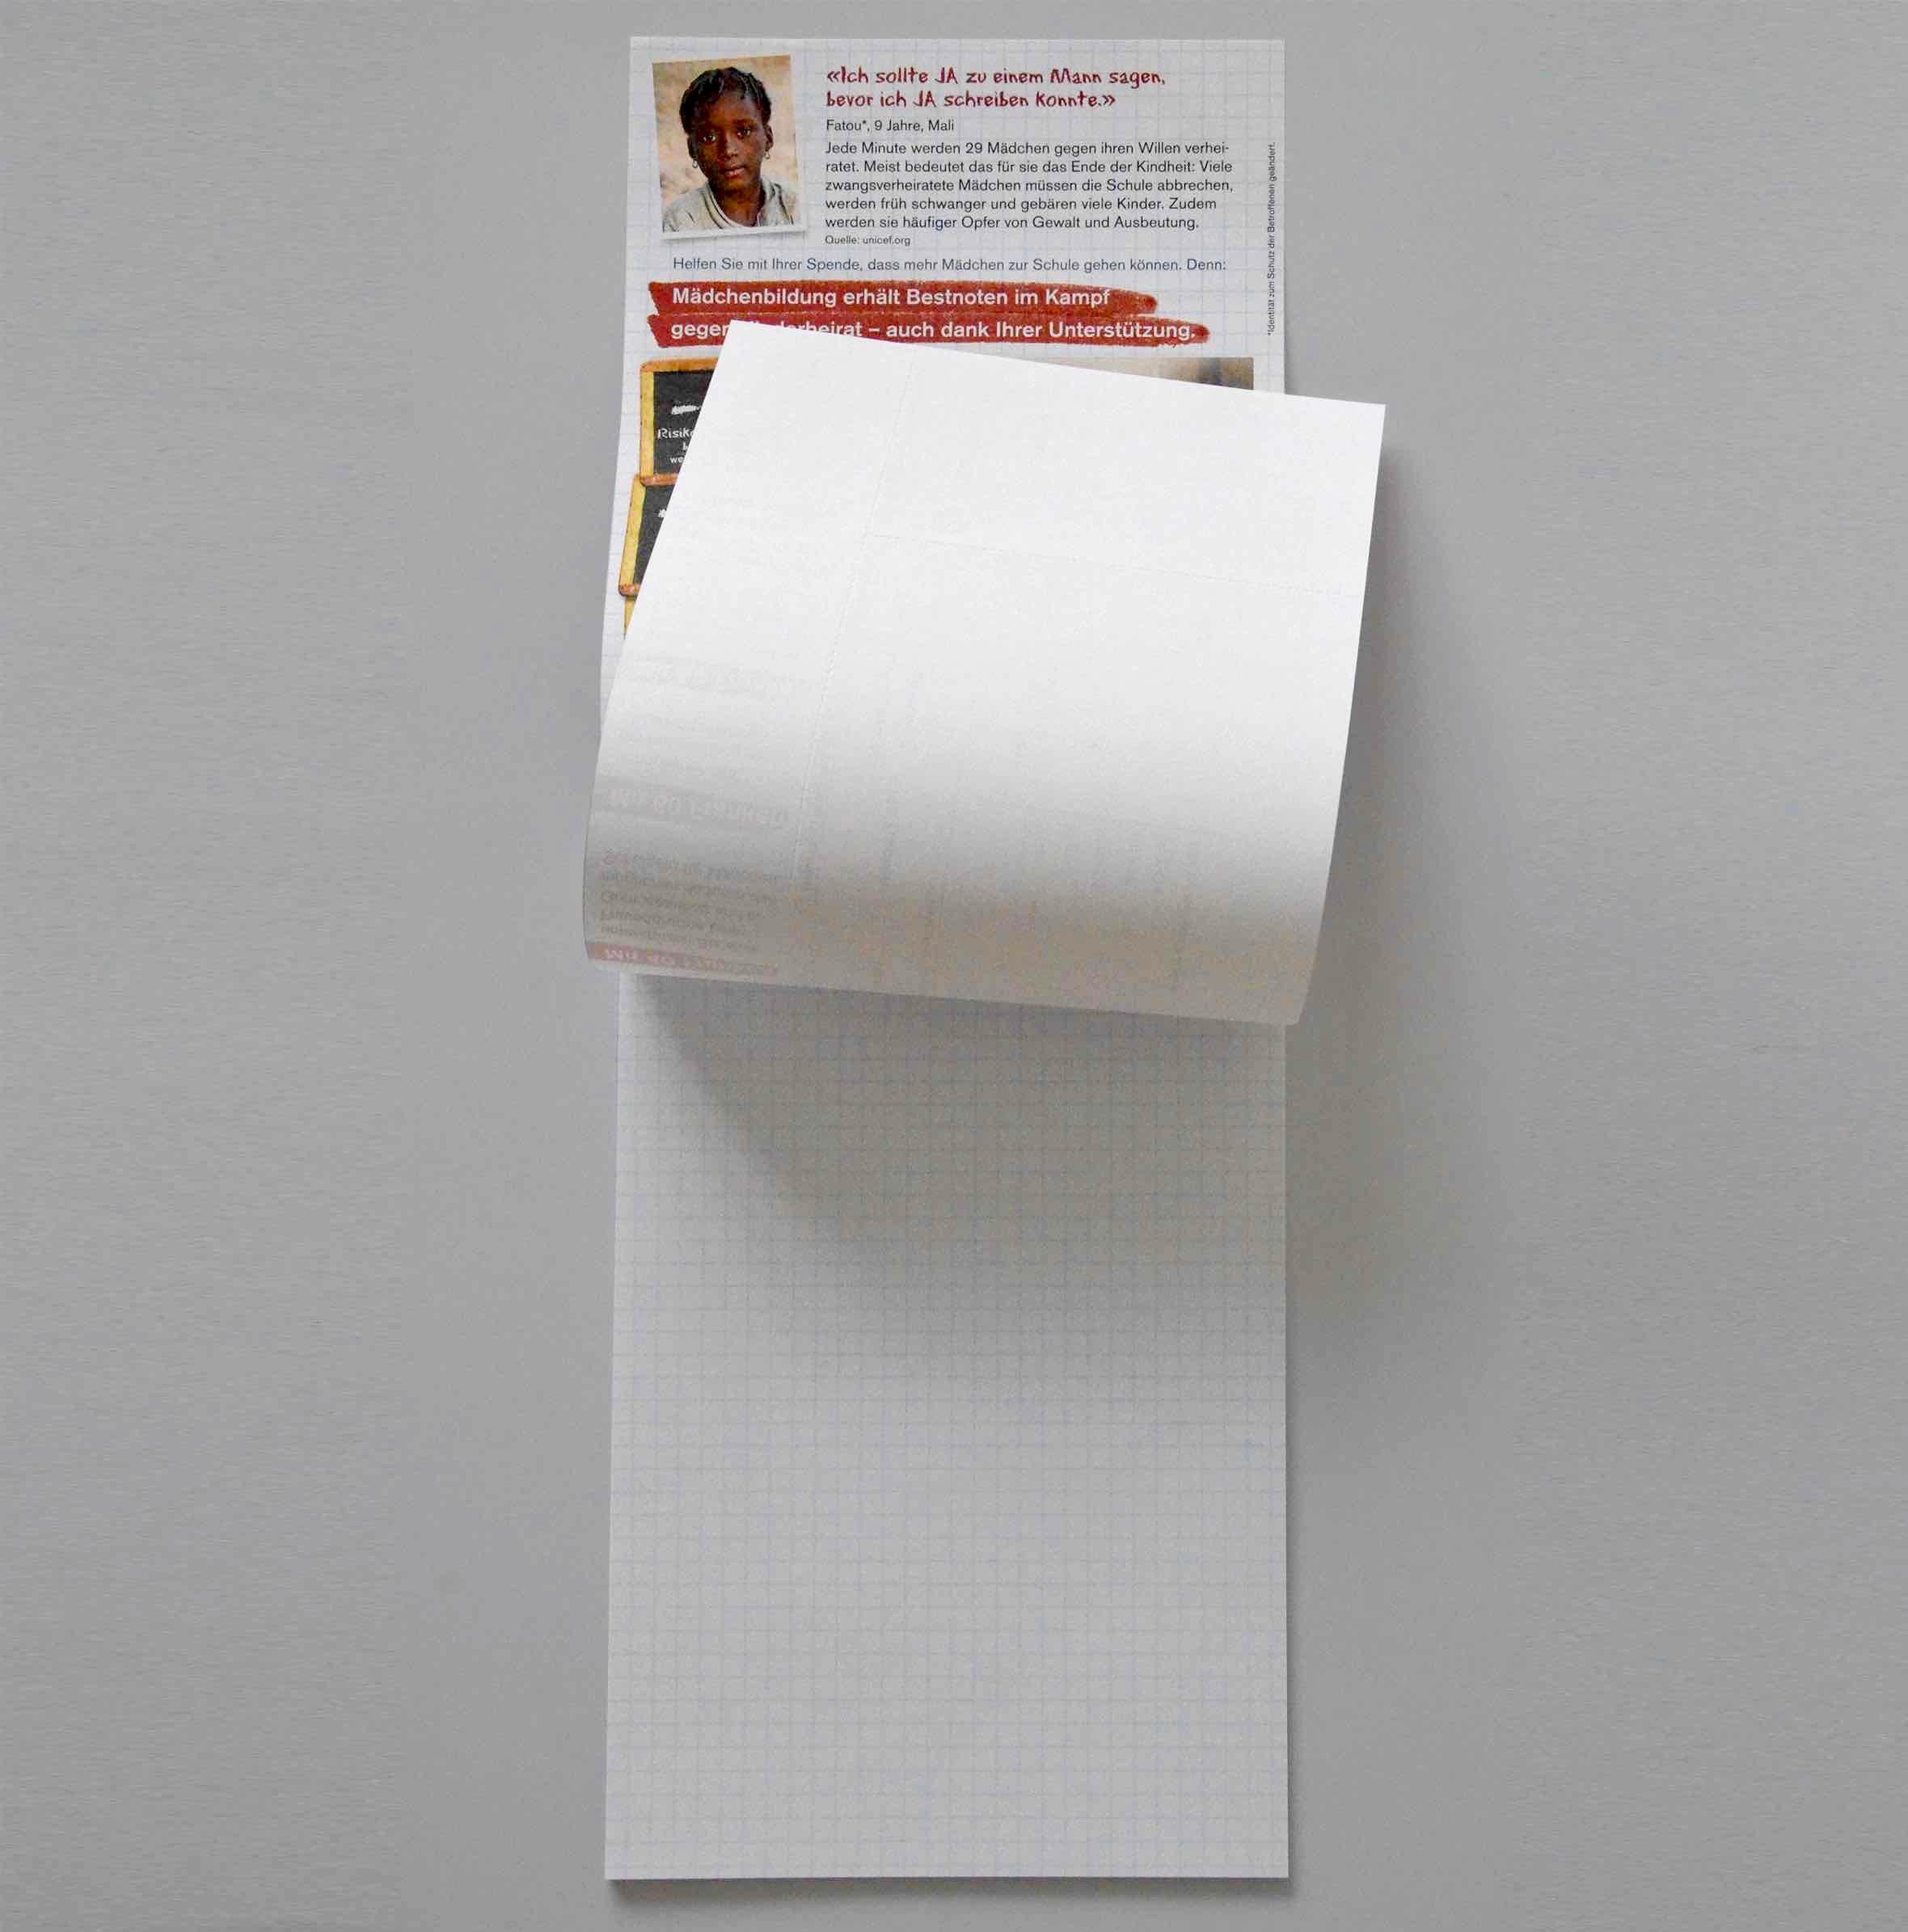 Schreibblock des Helvetas-Streuwurfs zum Thema Zwangsheirat und Bildung von Mädchen